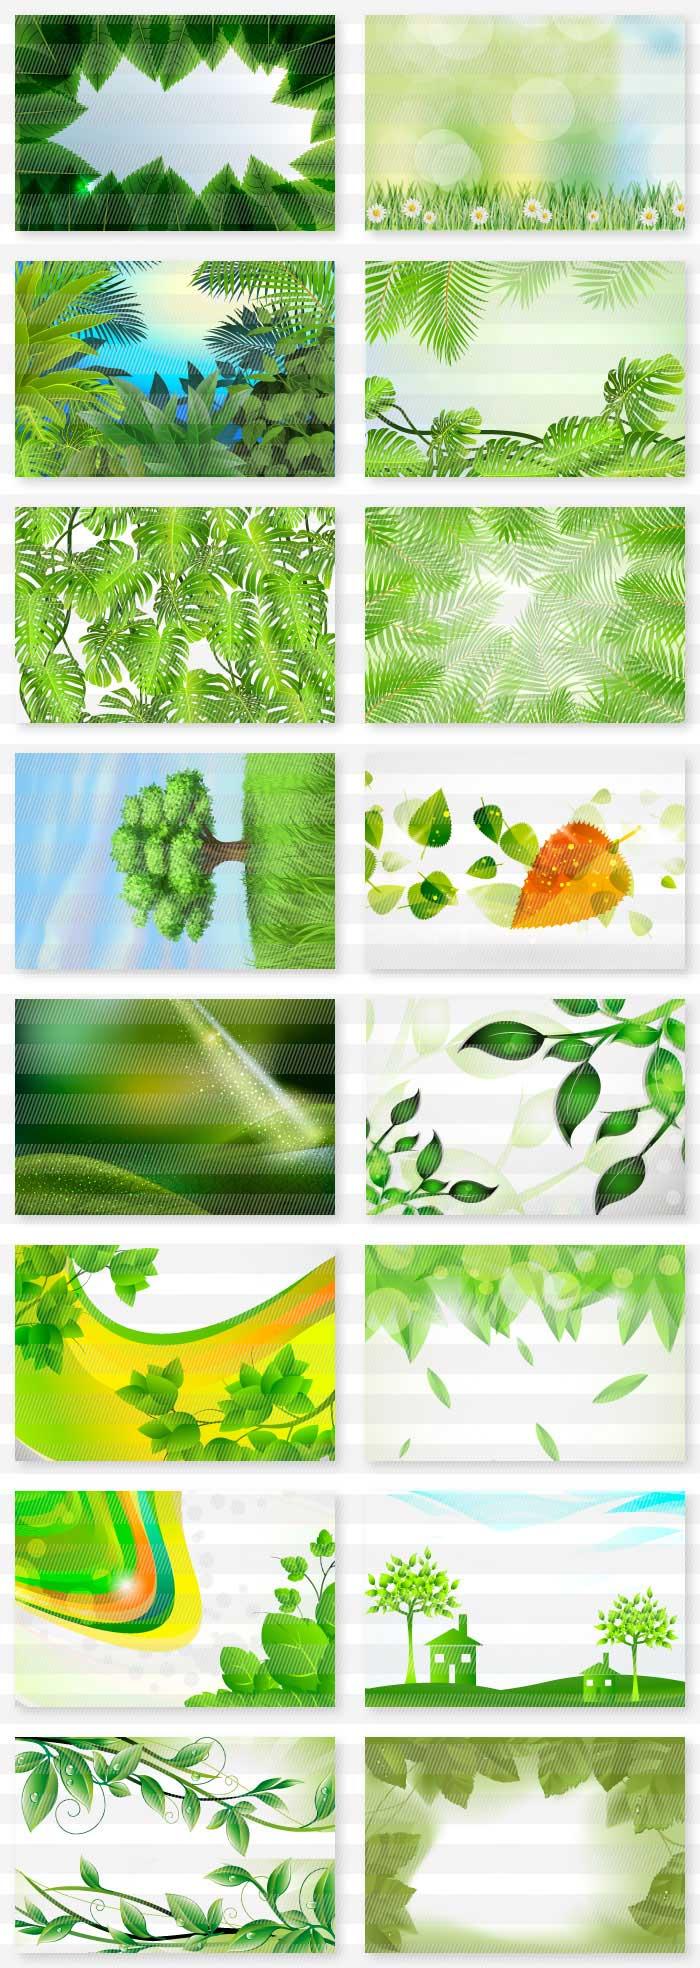 緑・葉・草木の風景の背景素材|イラストレーター素材(ai・eps・商用可能)